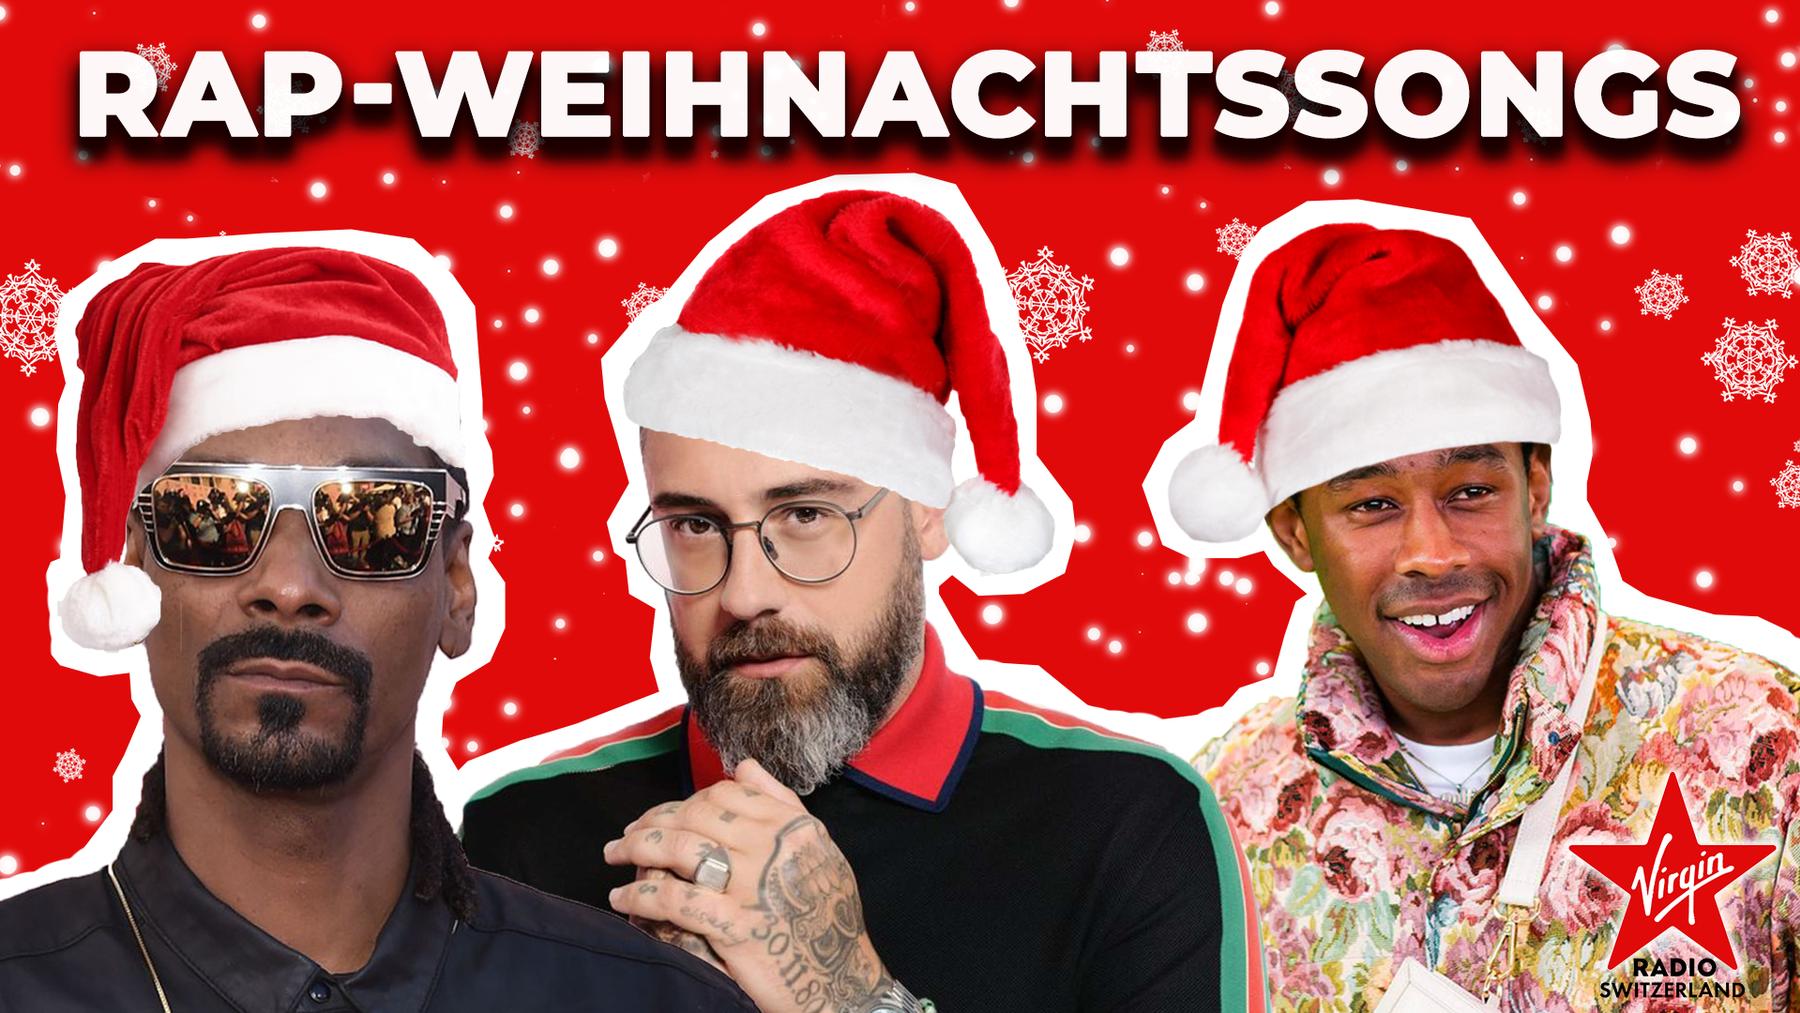 Rap-Weihnachtssongs Titelbild